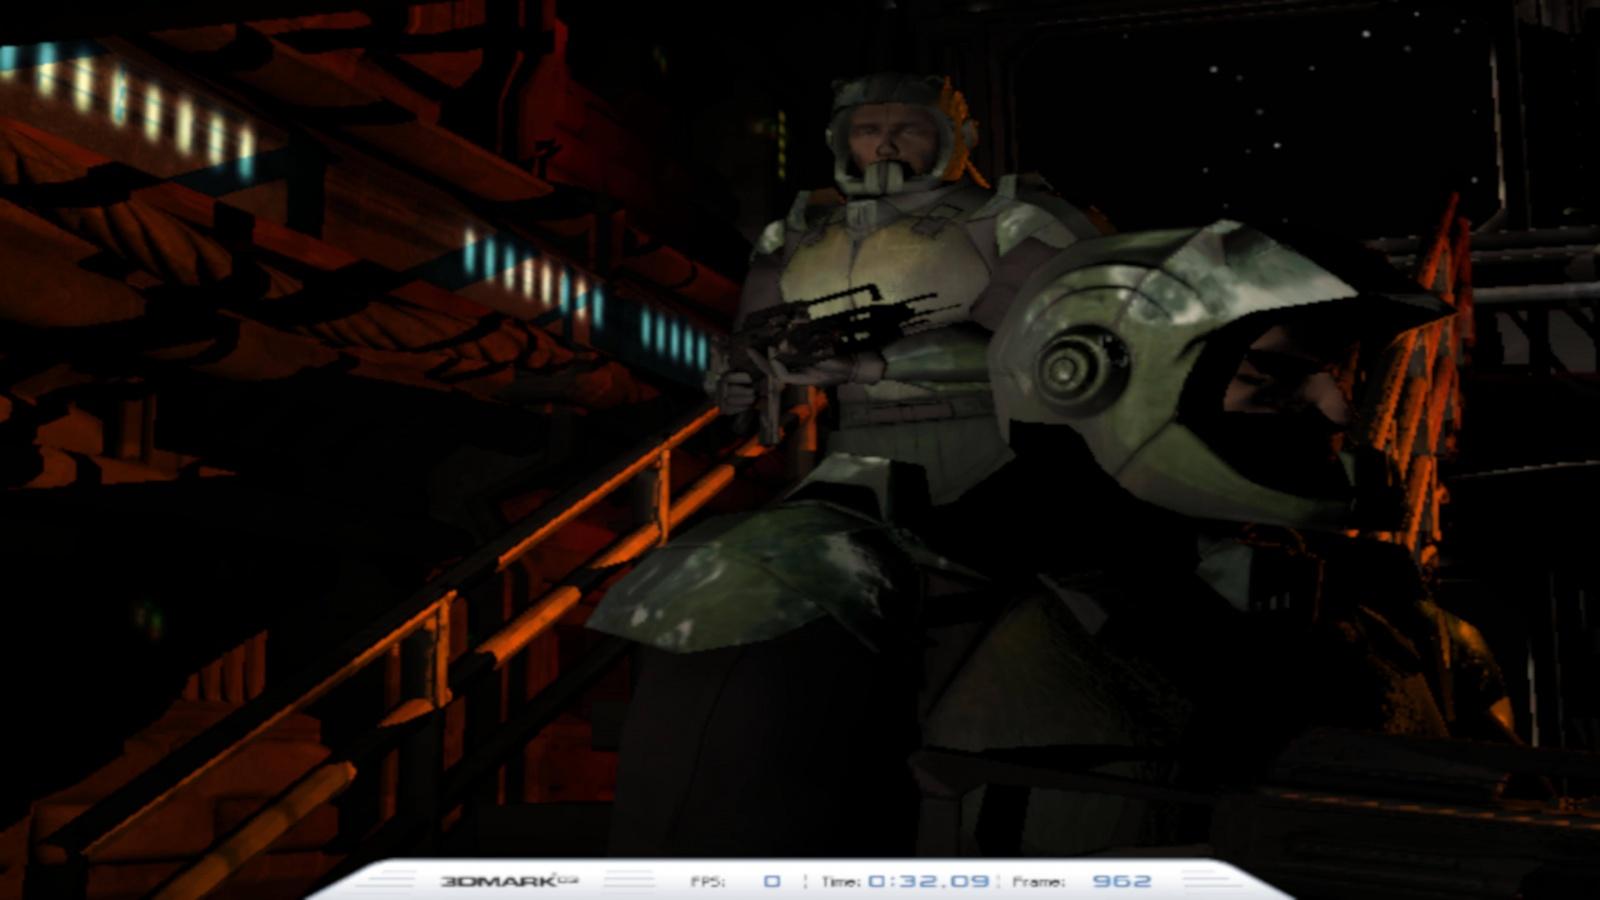 Как работает рендеринг 3D-игр: растеризация и трассировка лучей - 18